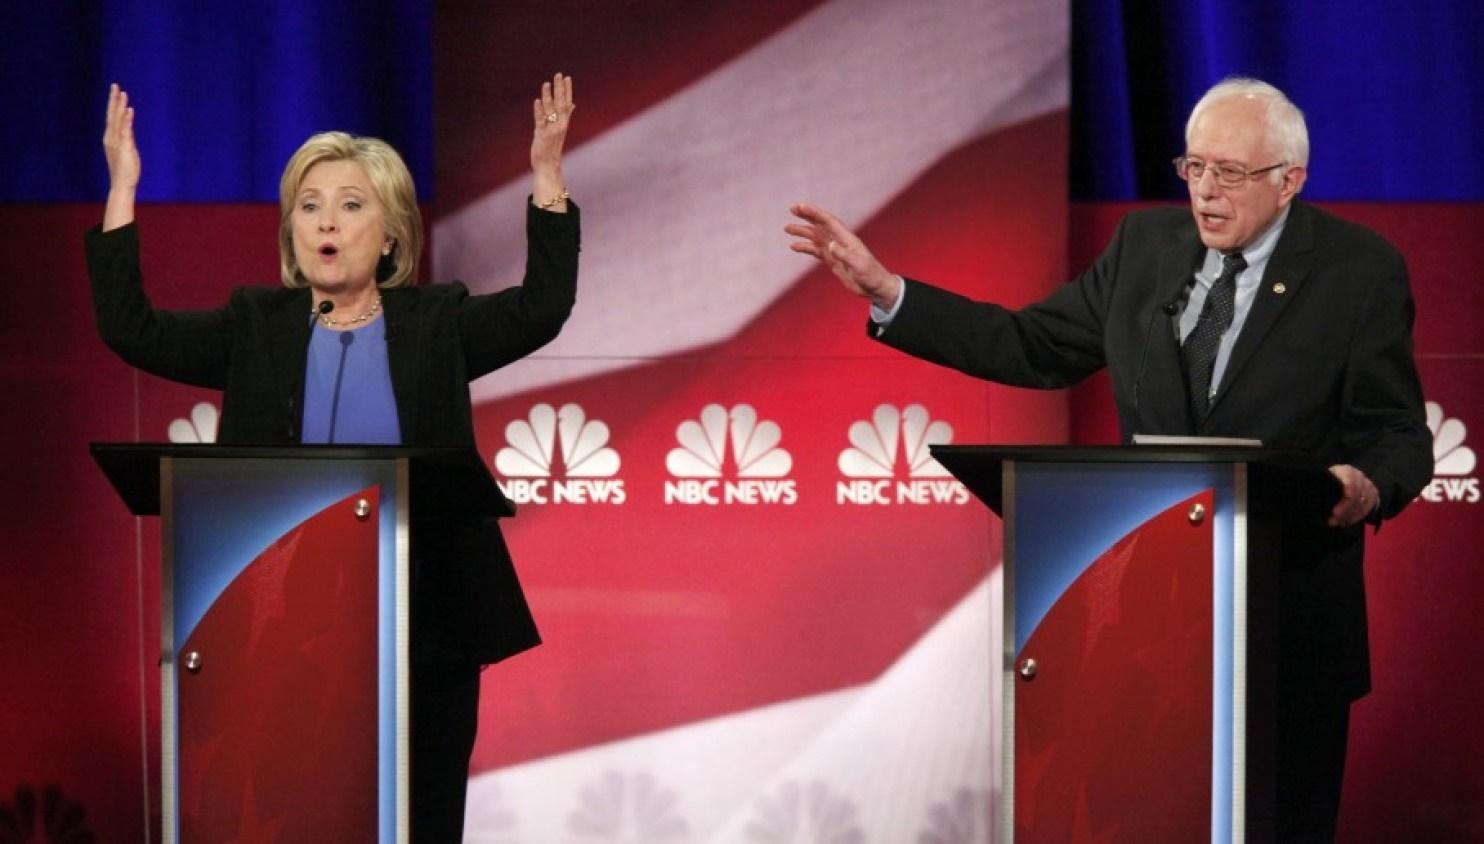 رقابت تعیین کننده هیلاری و سندرز در واشنگتن/ شنبه سرنوشت، سندرز را امیدوار می کند؟